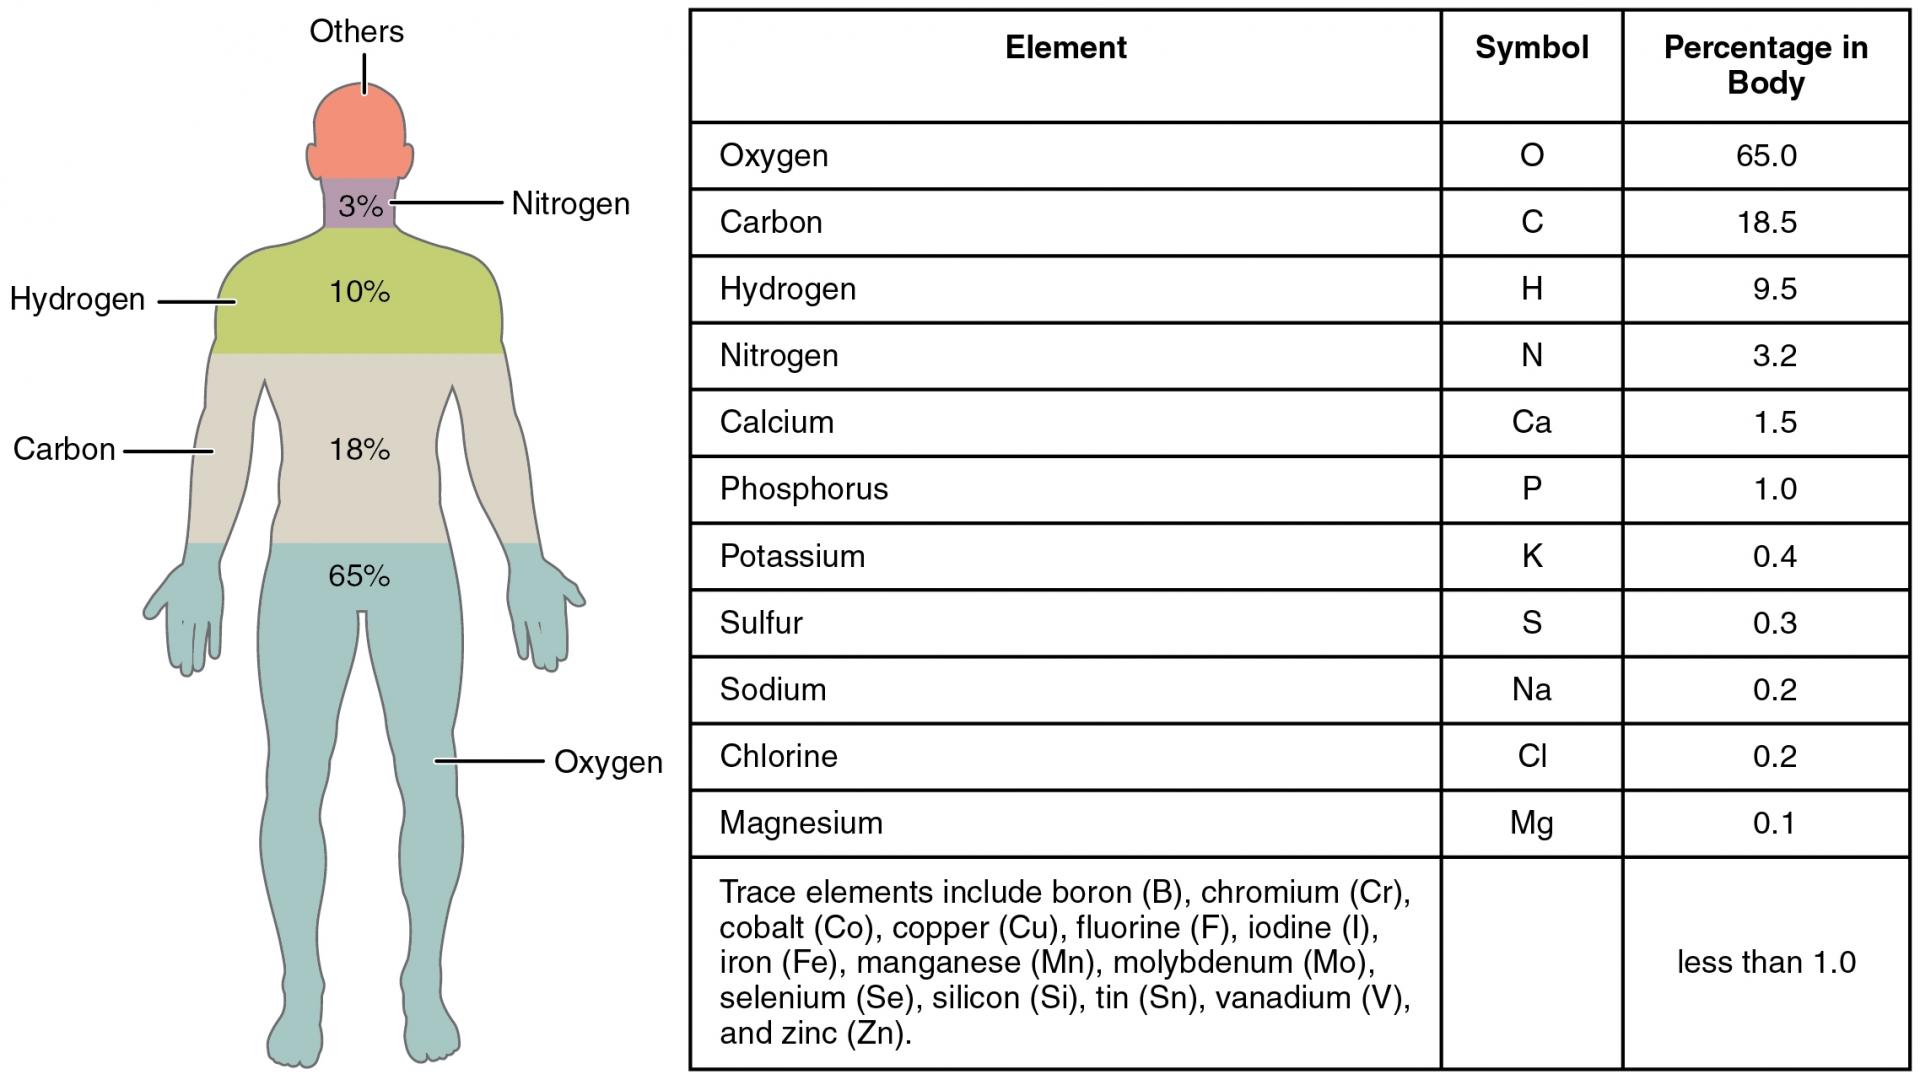 Elemente-des-menschlichen-Körpers.jpg